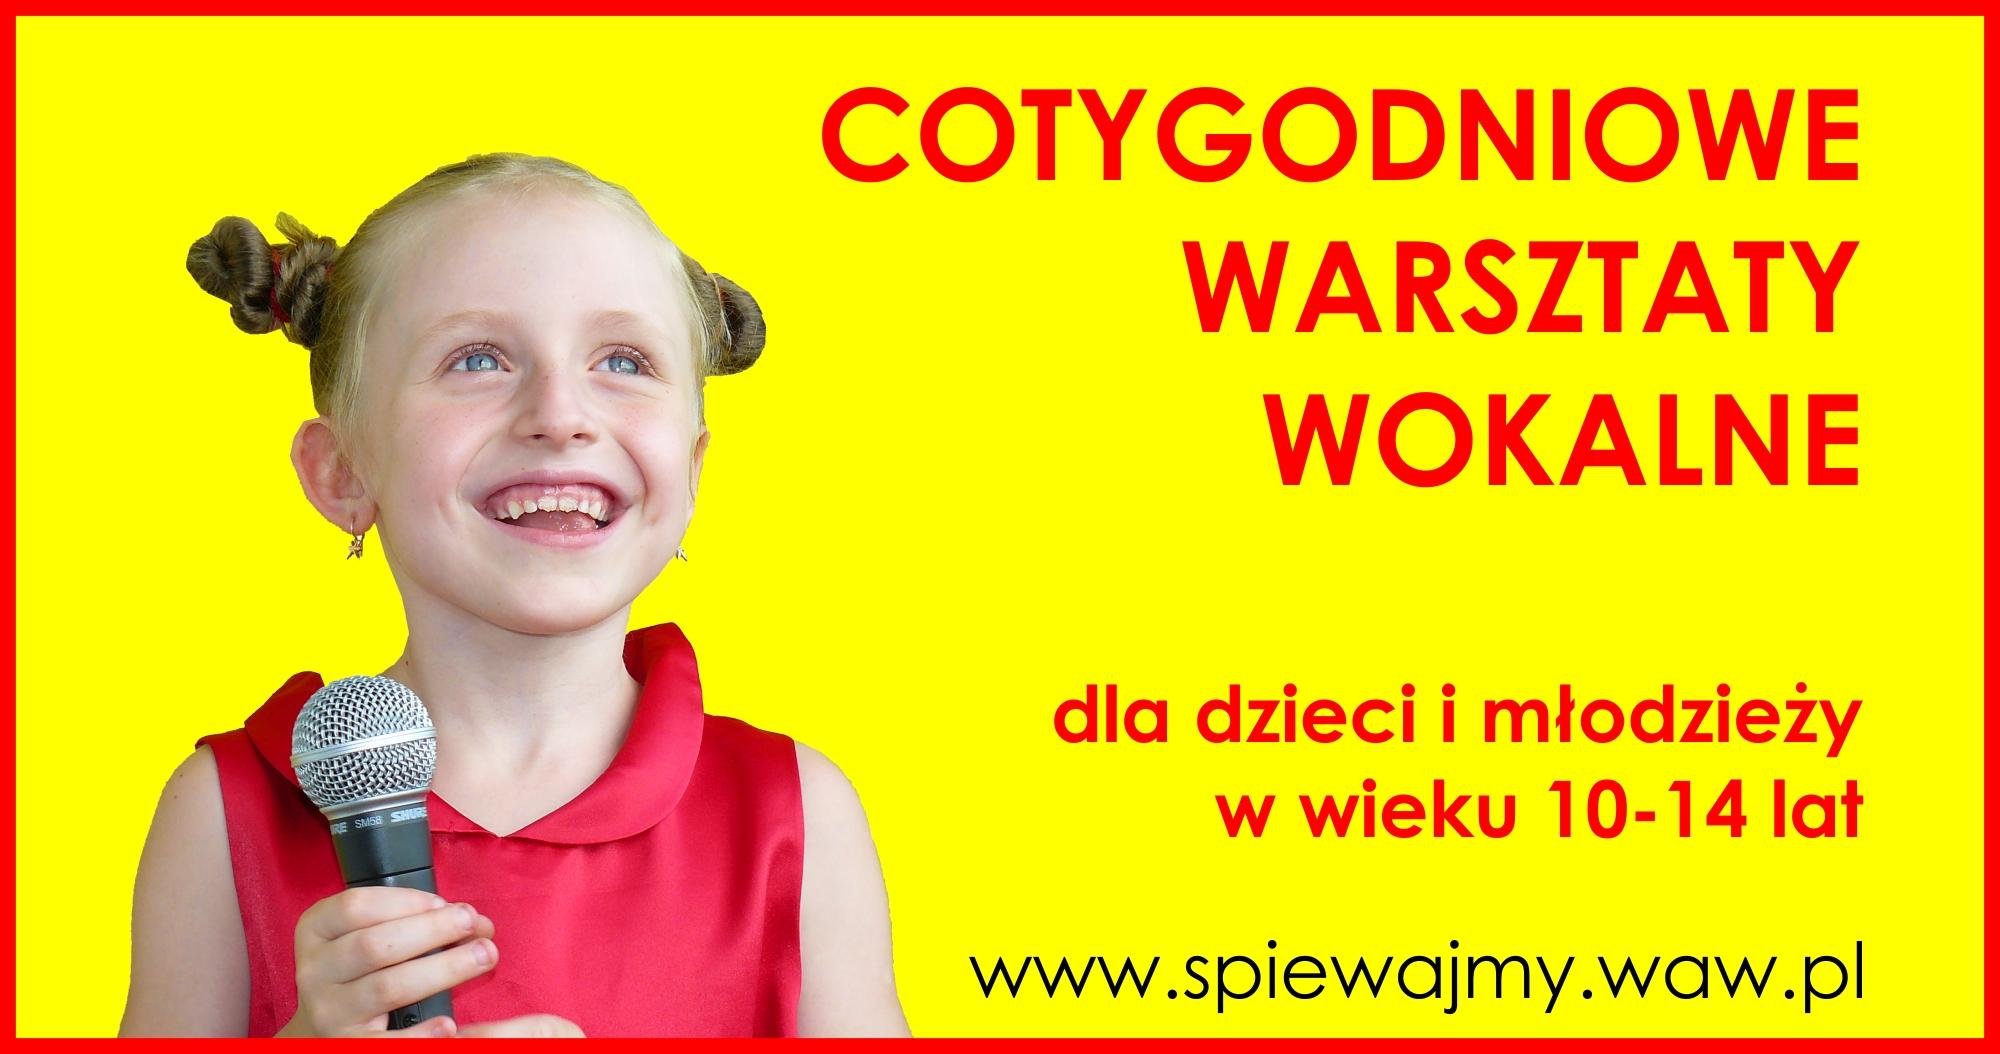 cotygodniowe_warsztaty_dzieci_2000